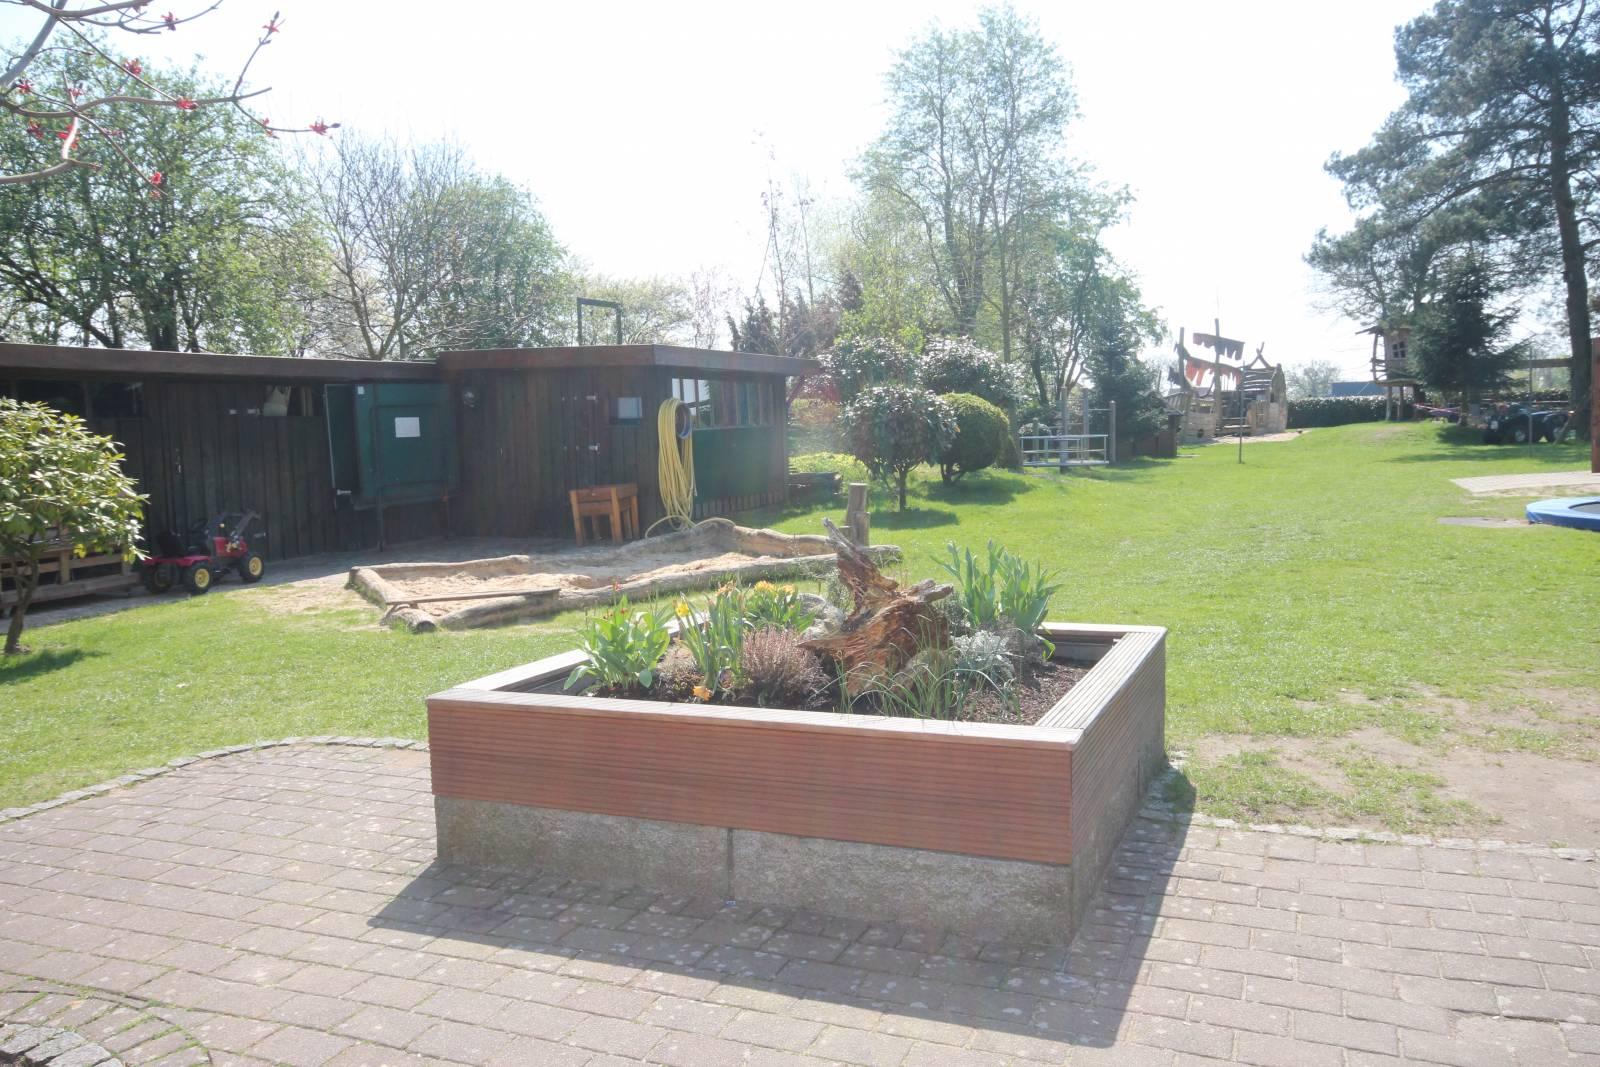 Full Size of Kinderhaus Garten Spielhaus Pergola Essgruppe Kandelaber Holzhaus Kind Spielgeräte Für Den Lounge Möbel Kletterturm Mein Schöner Abo Ausziehtisch Garten Kinderhaus Garten